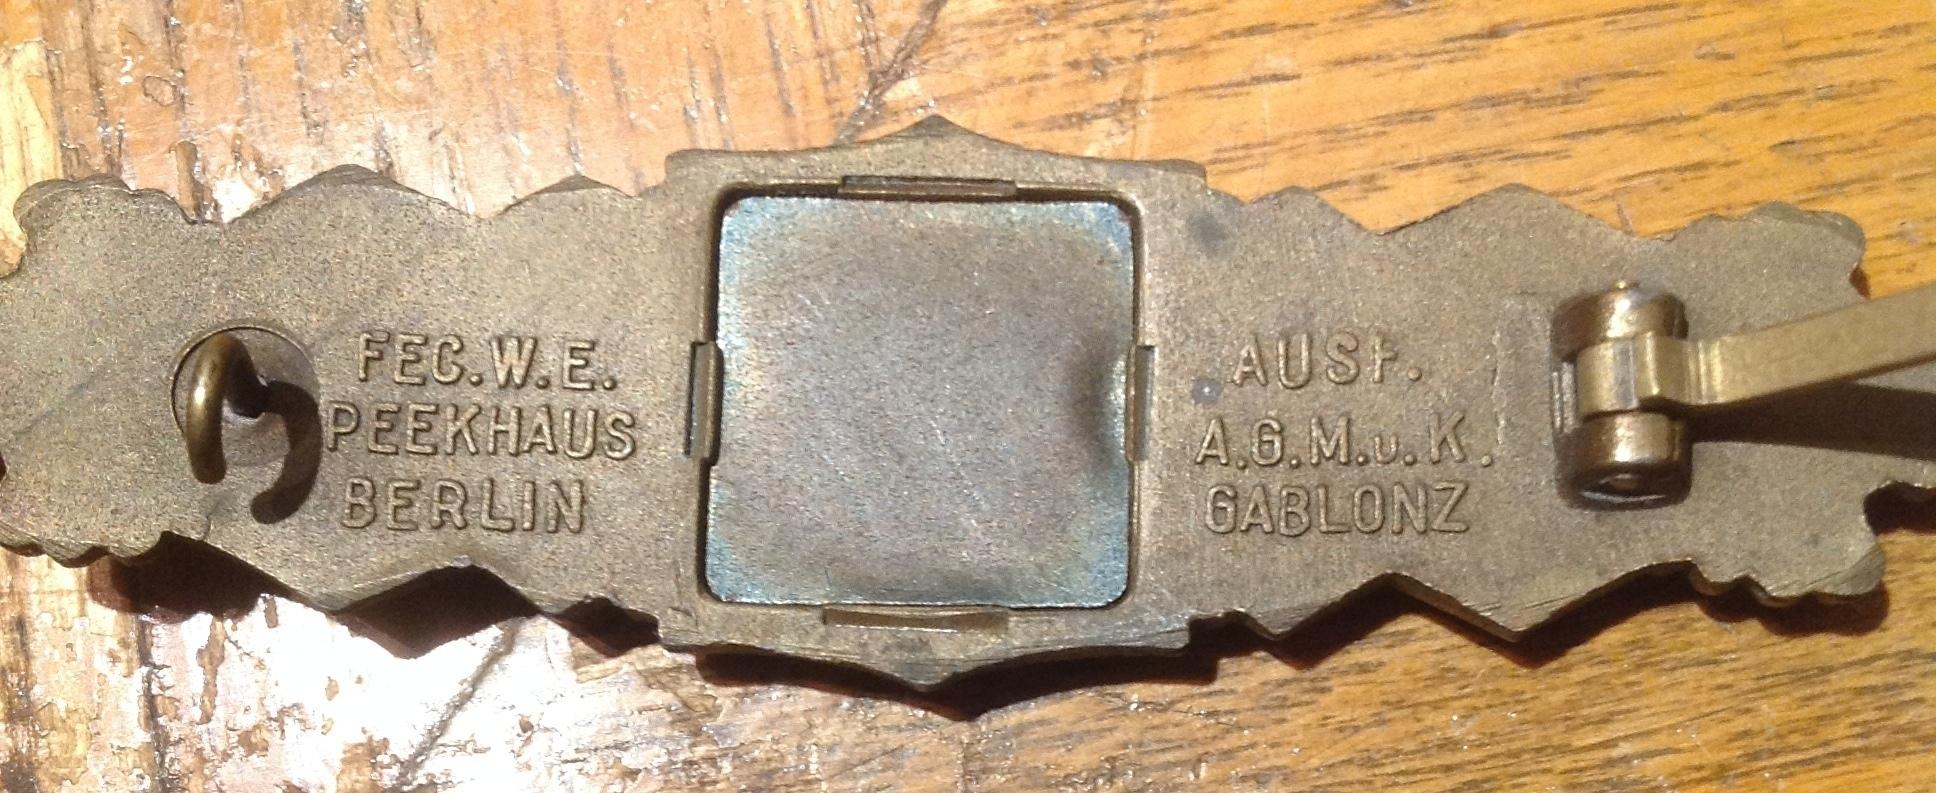 Nahkampfspange AGMUK en bronze 18061010192921840